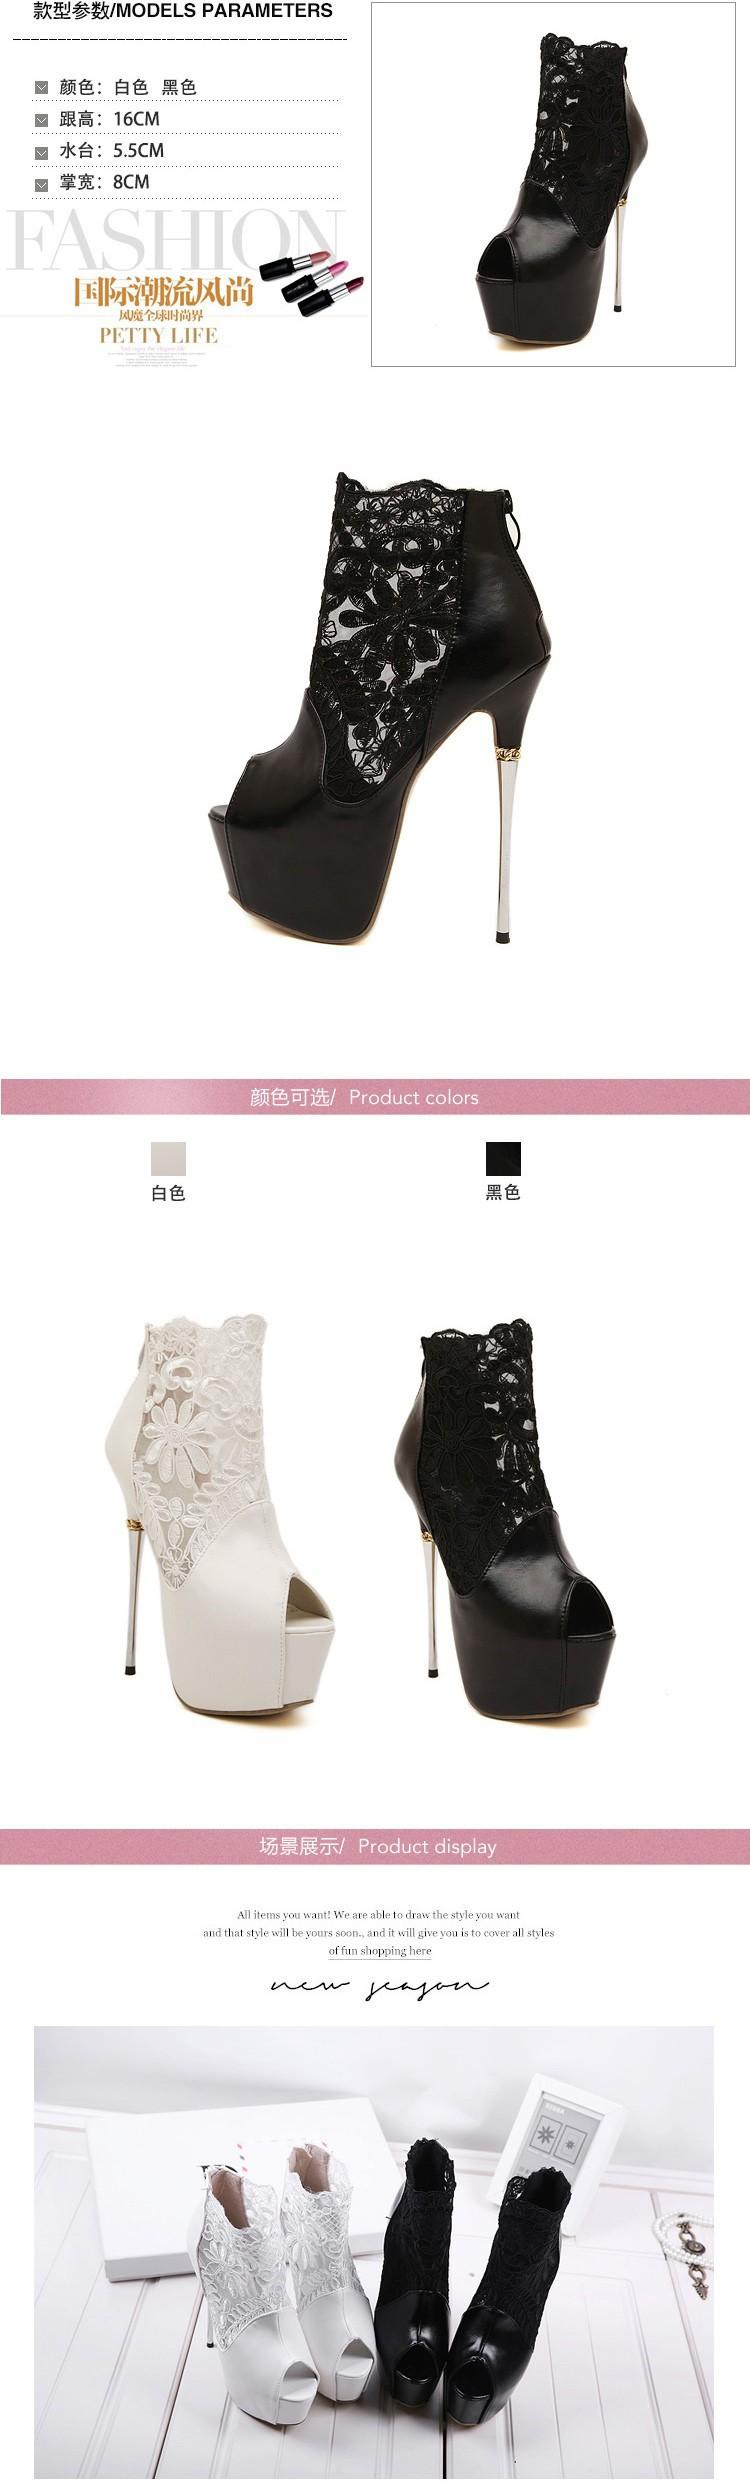 women summer boots 2016 lace pumps women party shoes platform pumps white wedding shoes stiletto heels open toe dress shoes C992 1